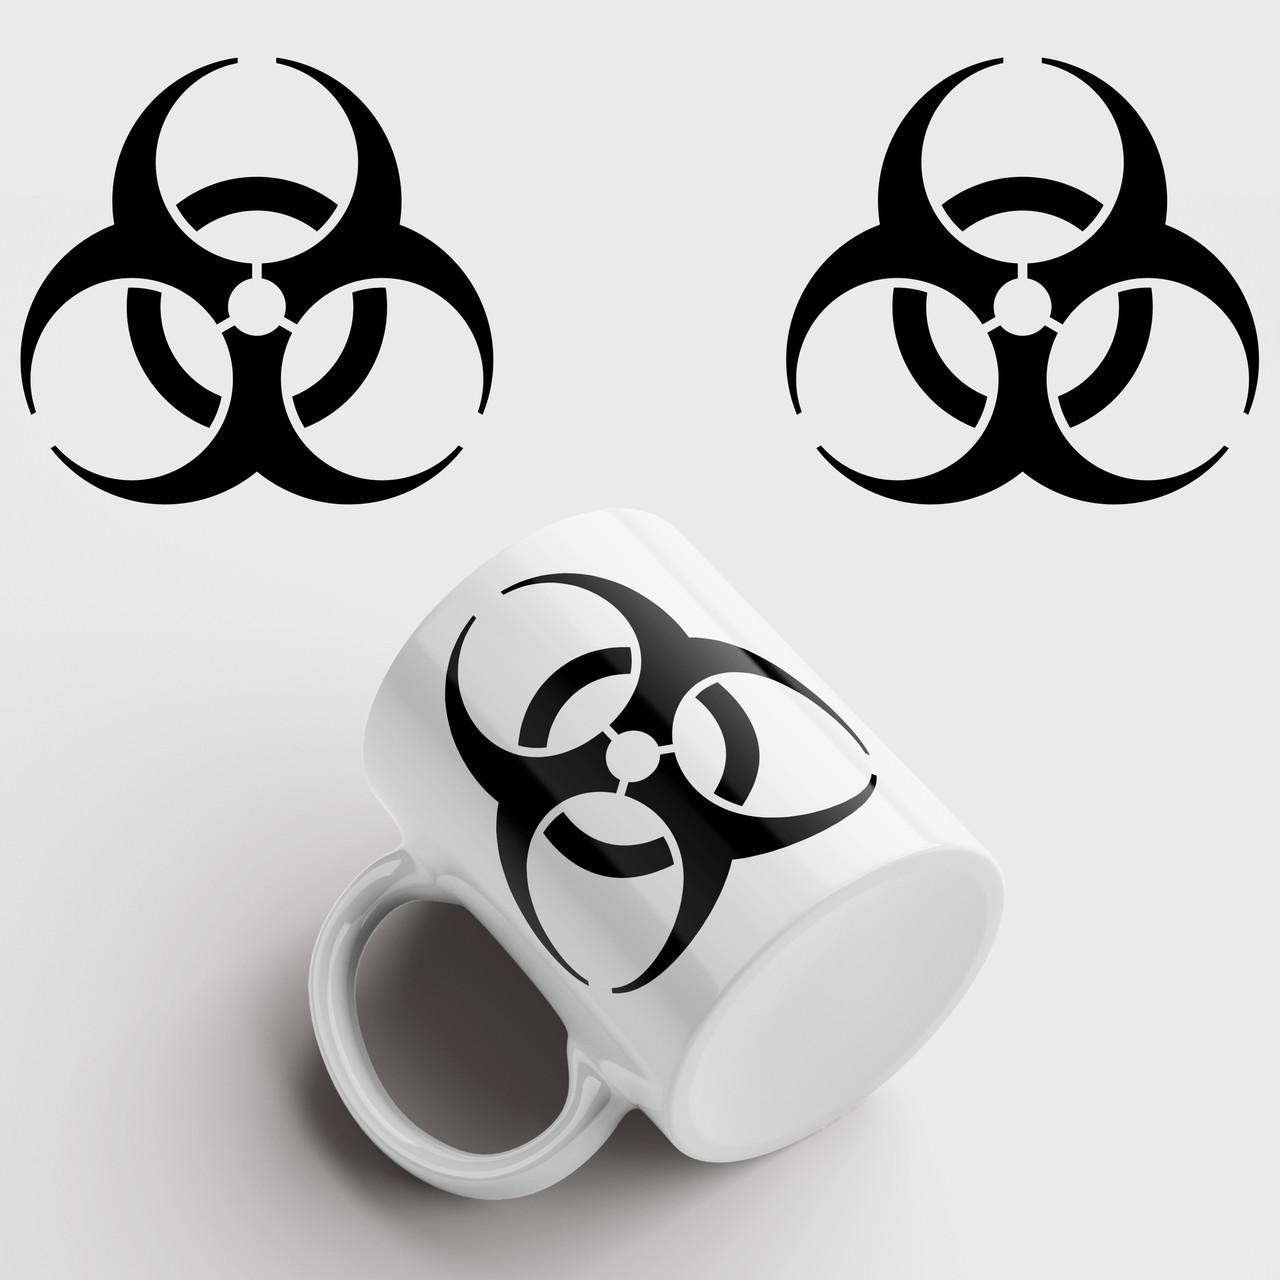 Кружка с принтом Биологическая угроза. Biological hazard. Опасность. Чашка с фото